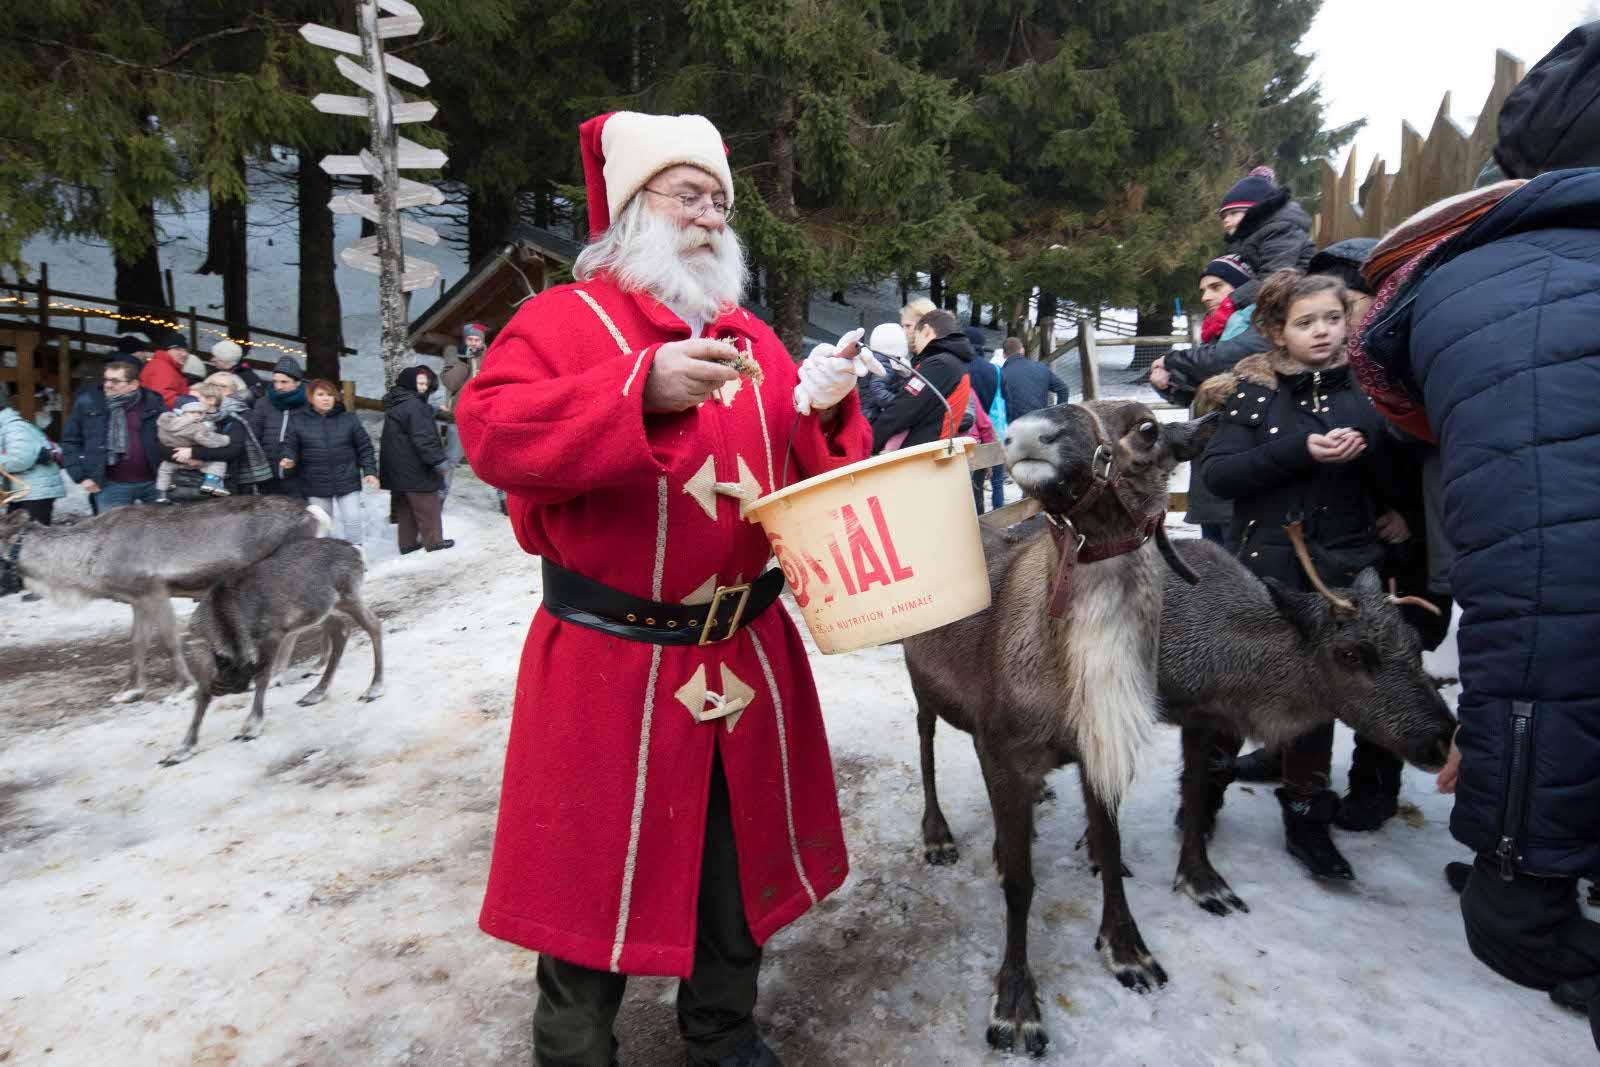 Rencontrez Le Père Noël À La Ferme Aux Rennes Du avec Nom Des Rennes Du Pere Noel